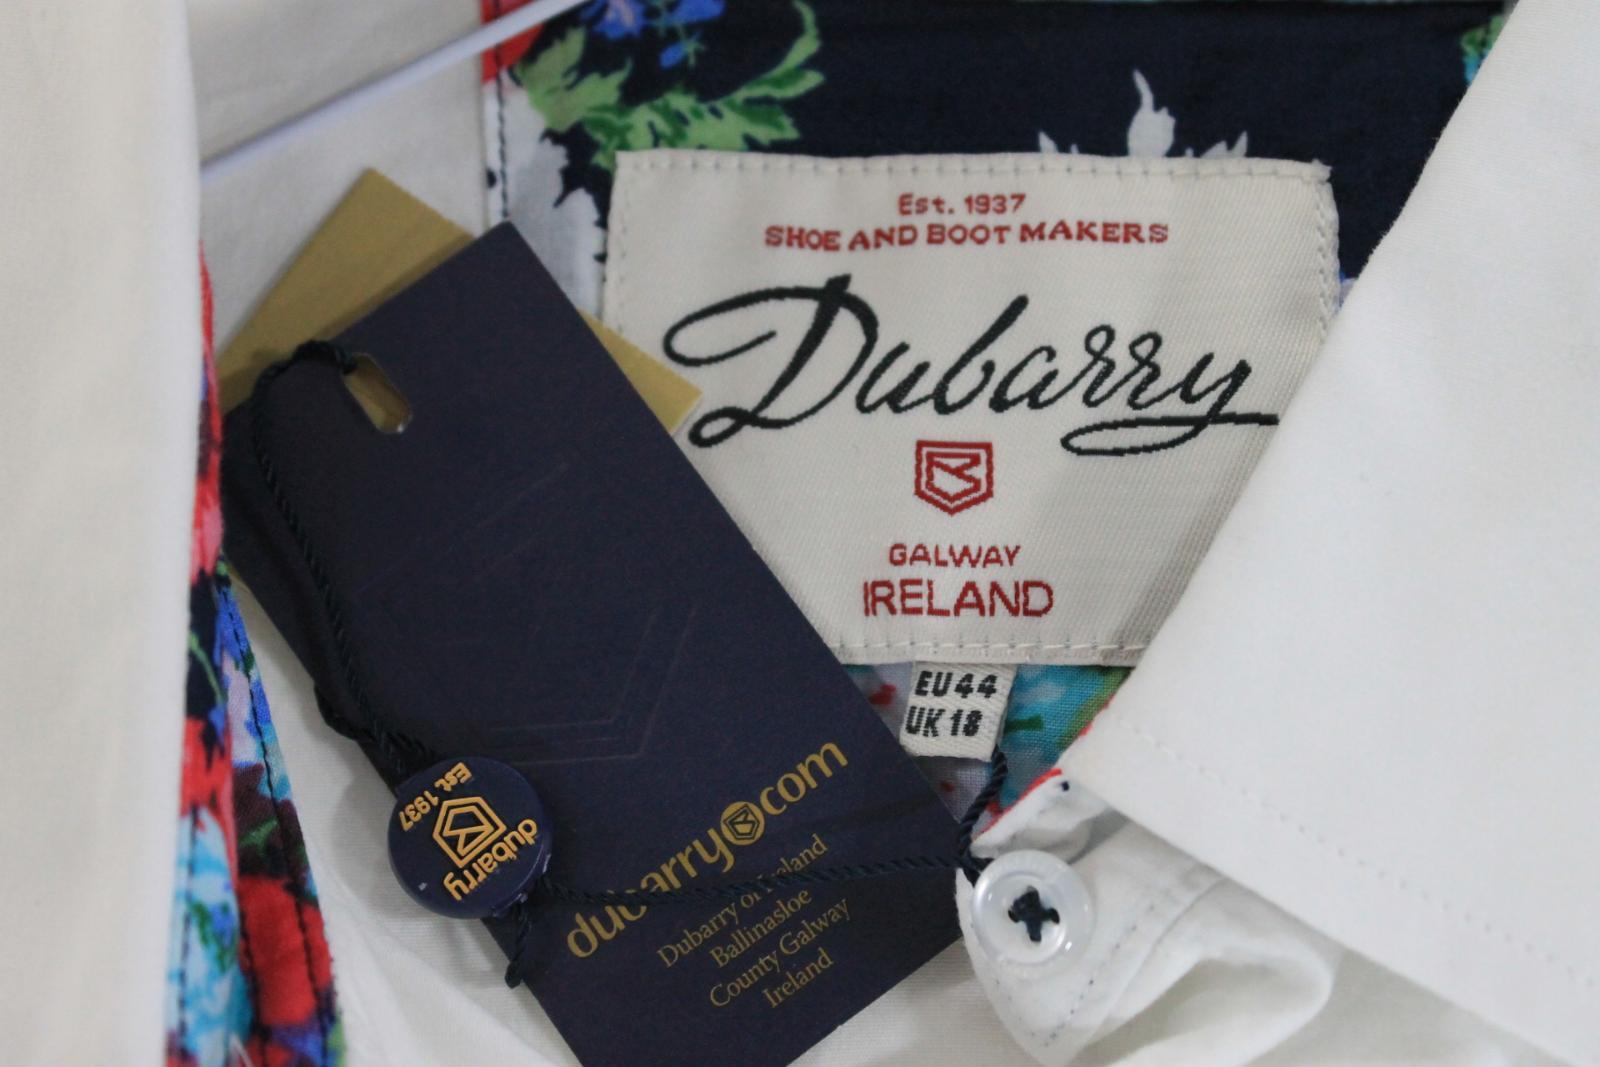 BNWT Dubarry Donna Donna Donna PETUNIA Bianco Cotone Floreale Trim Colletto Camicia Taglia UK18 da8204